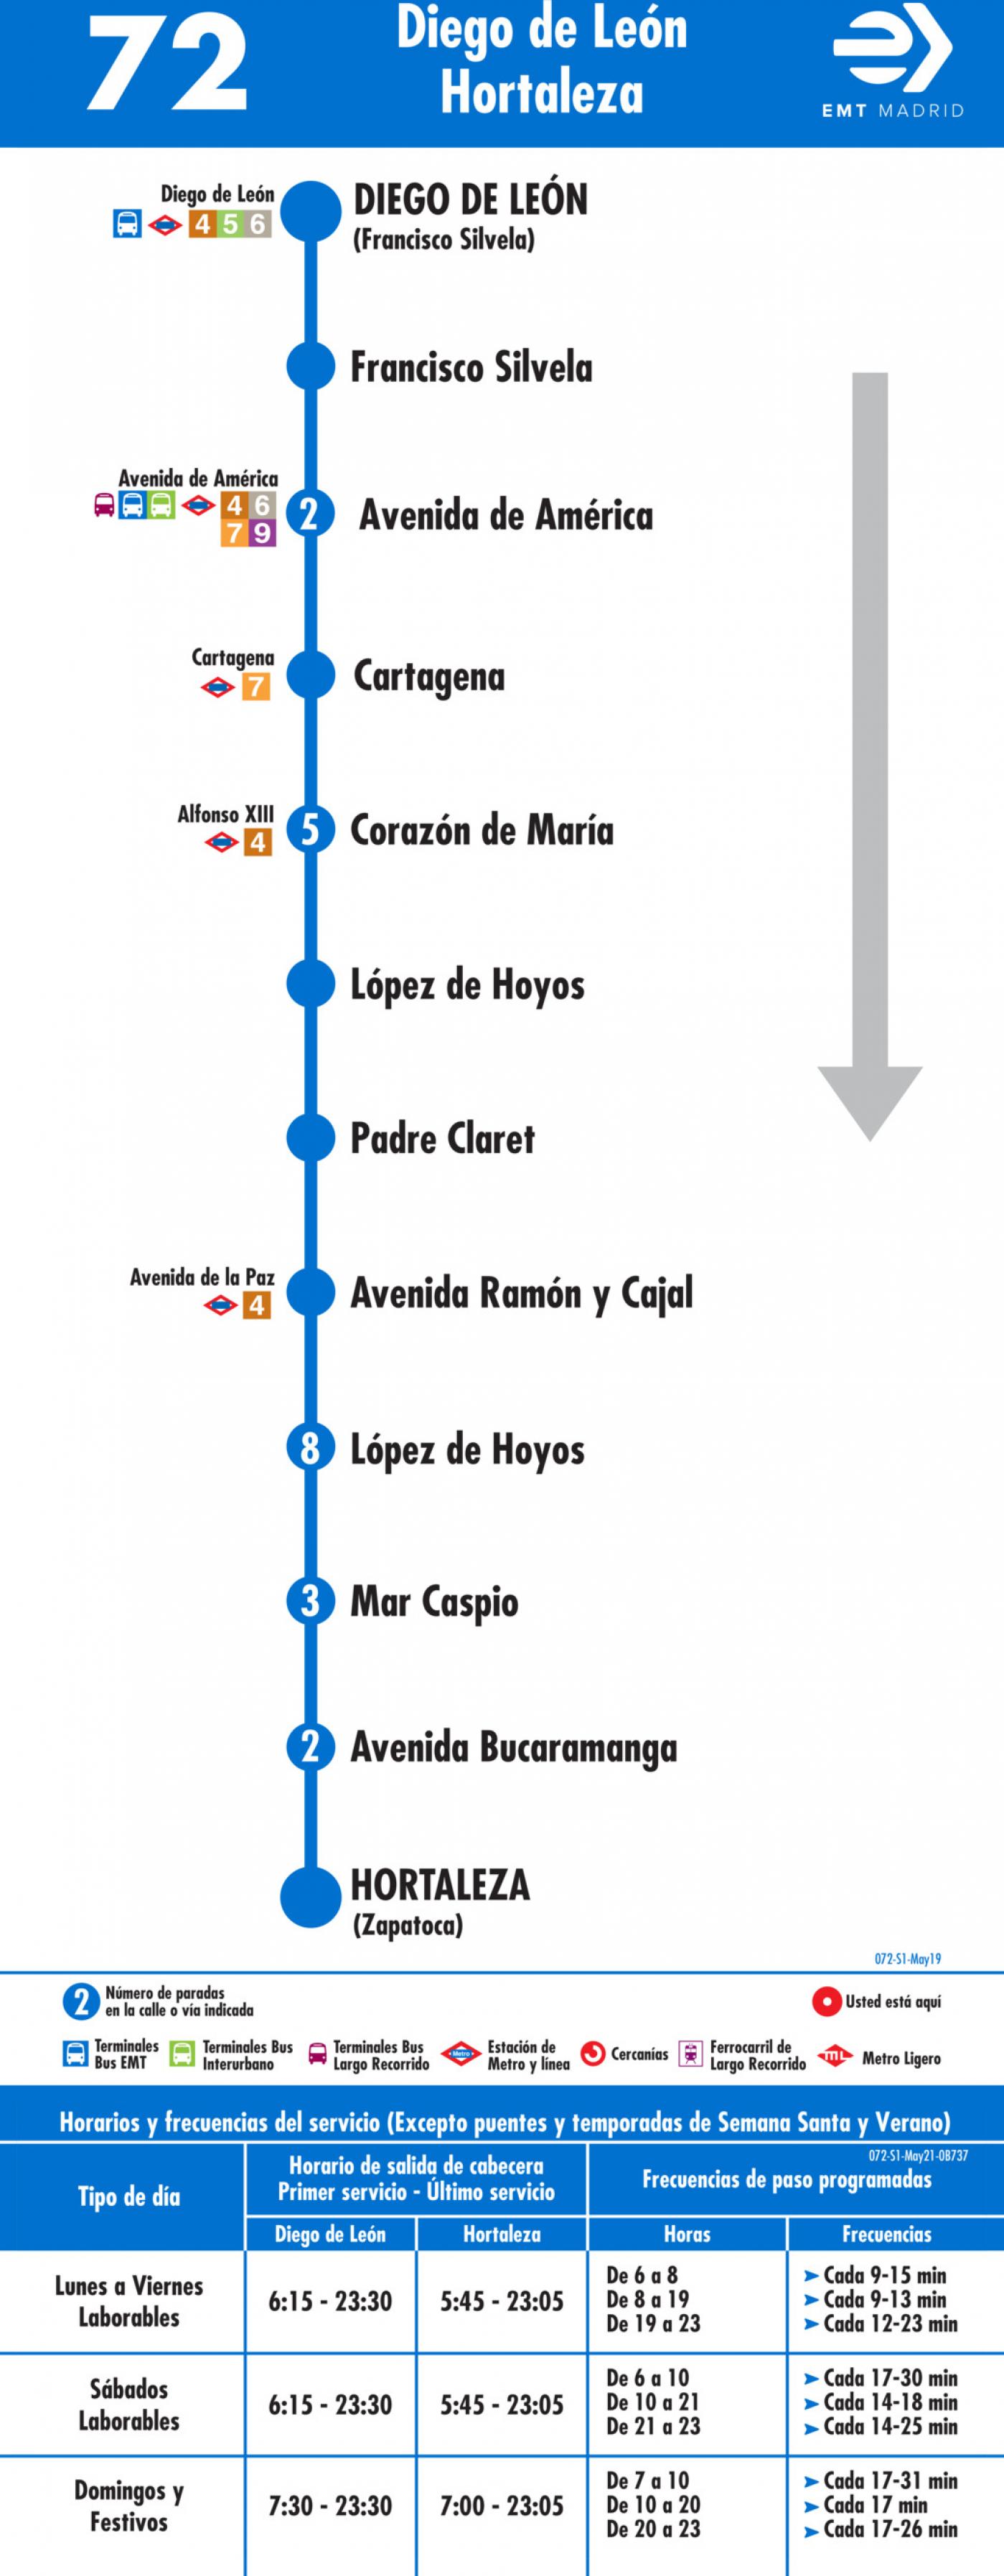 Tabla de horarios y frecuencias de paso en sentido ida Línea 72: Diego de León-Hortaleza